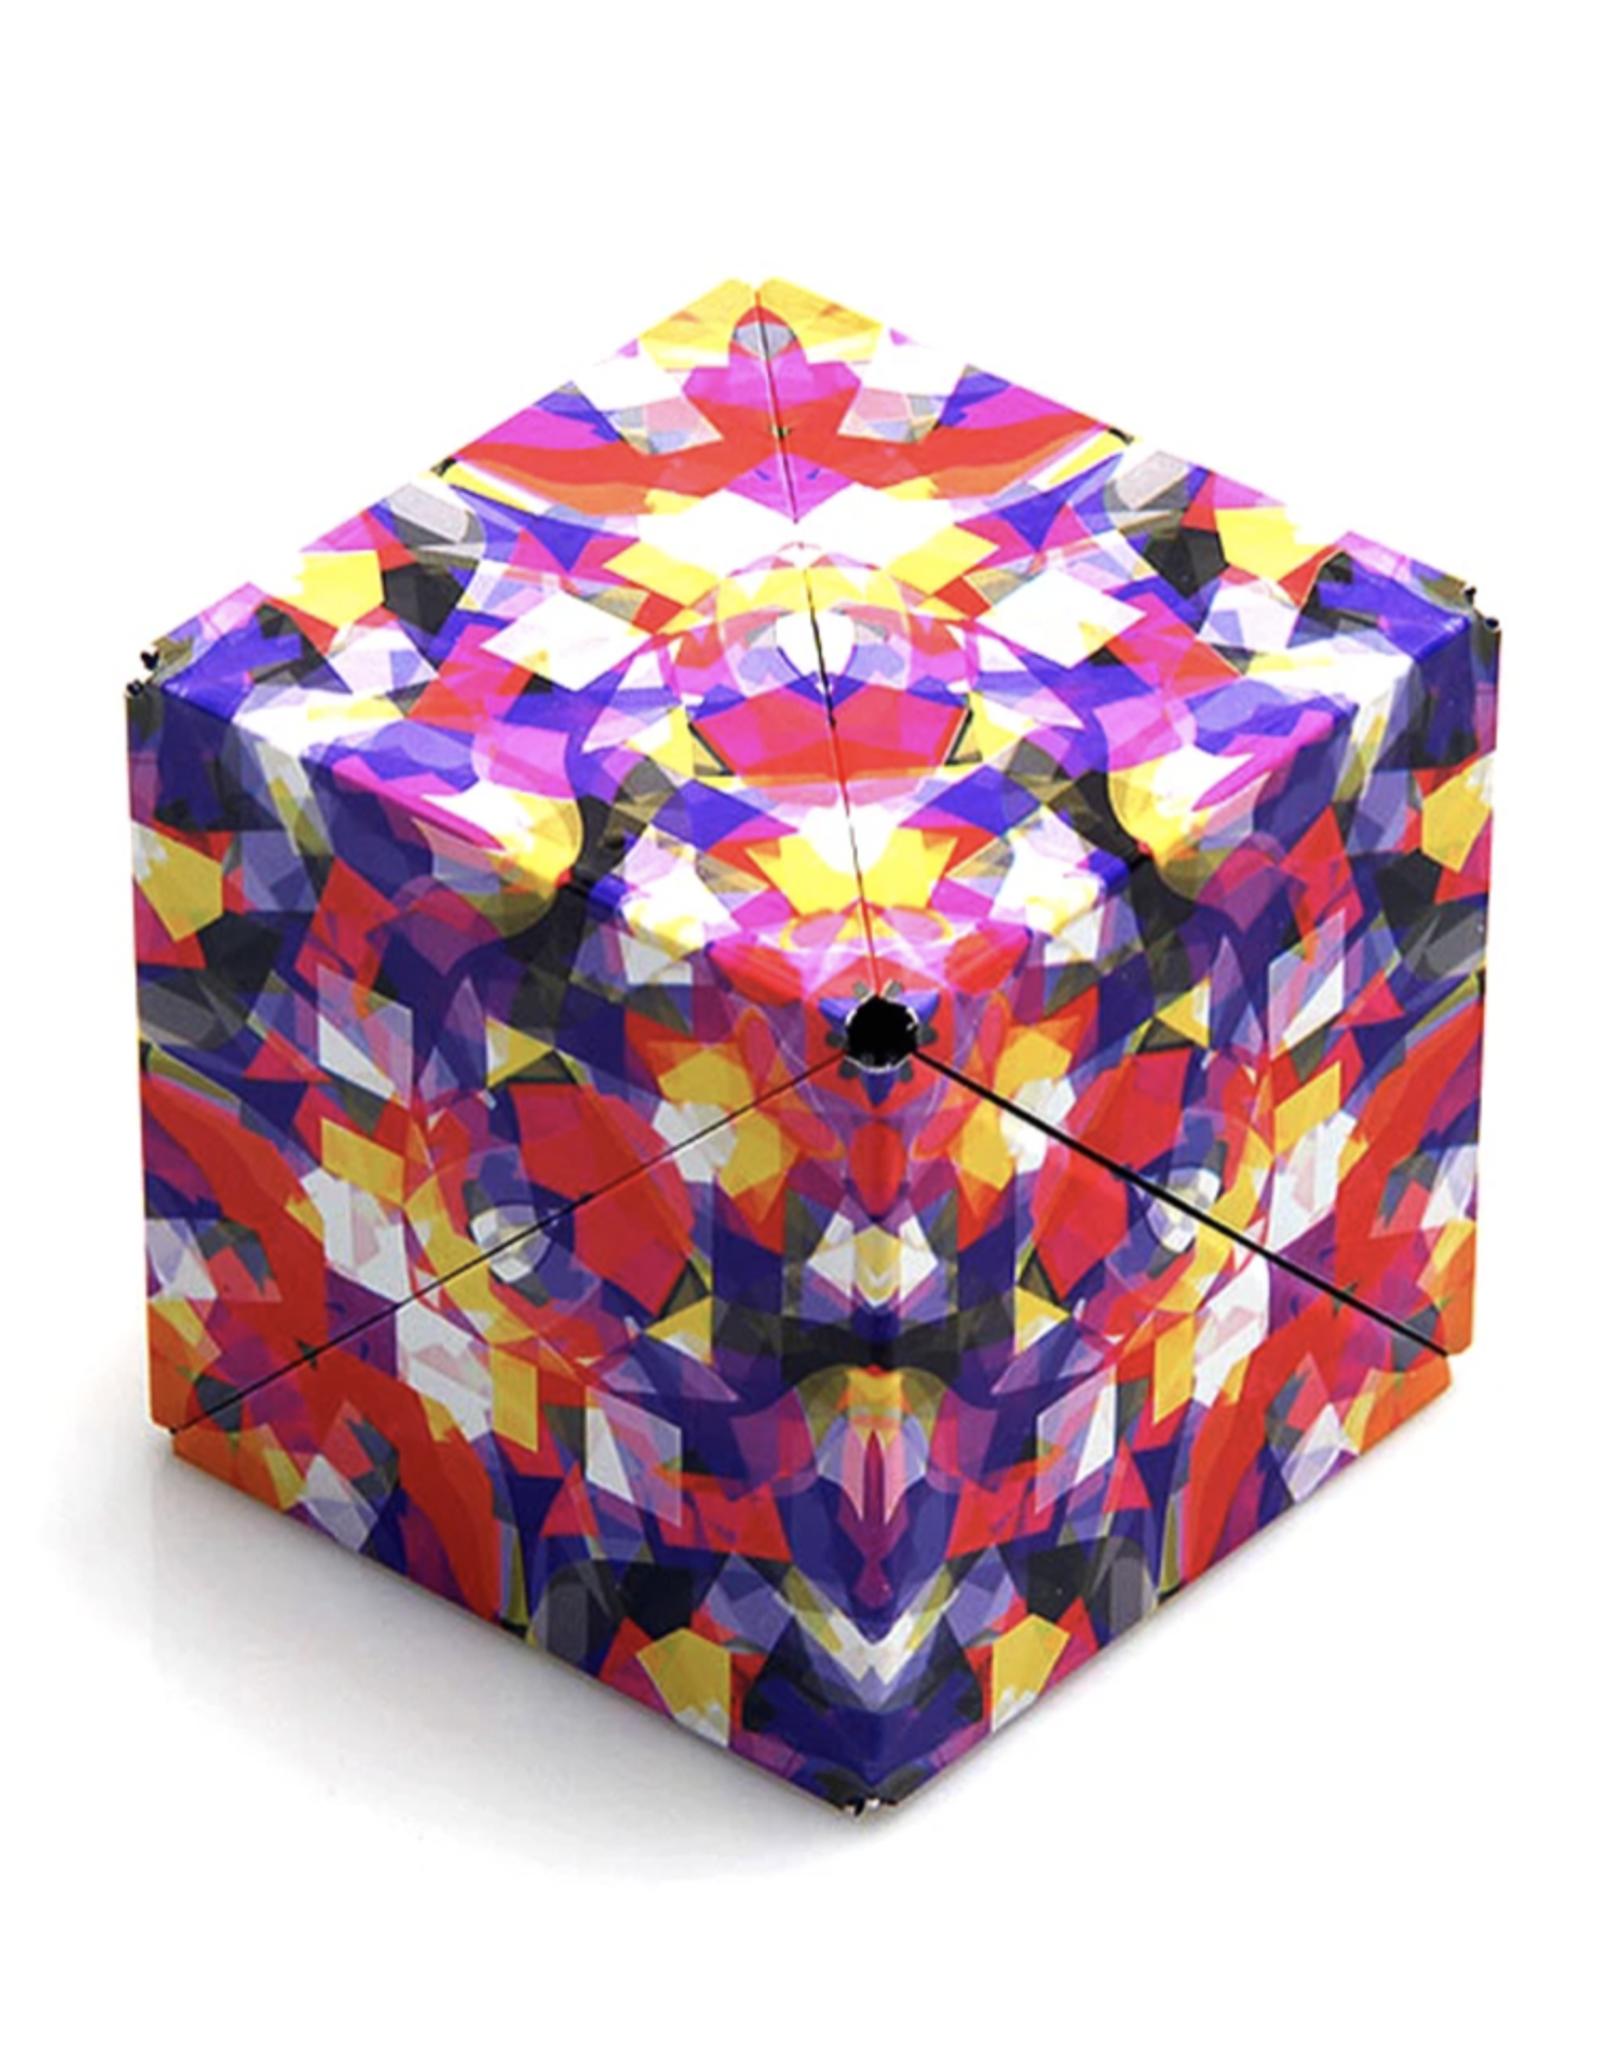 Shashibo Shashibo - Confetti